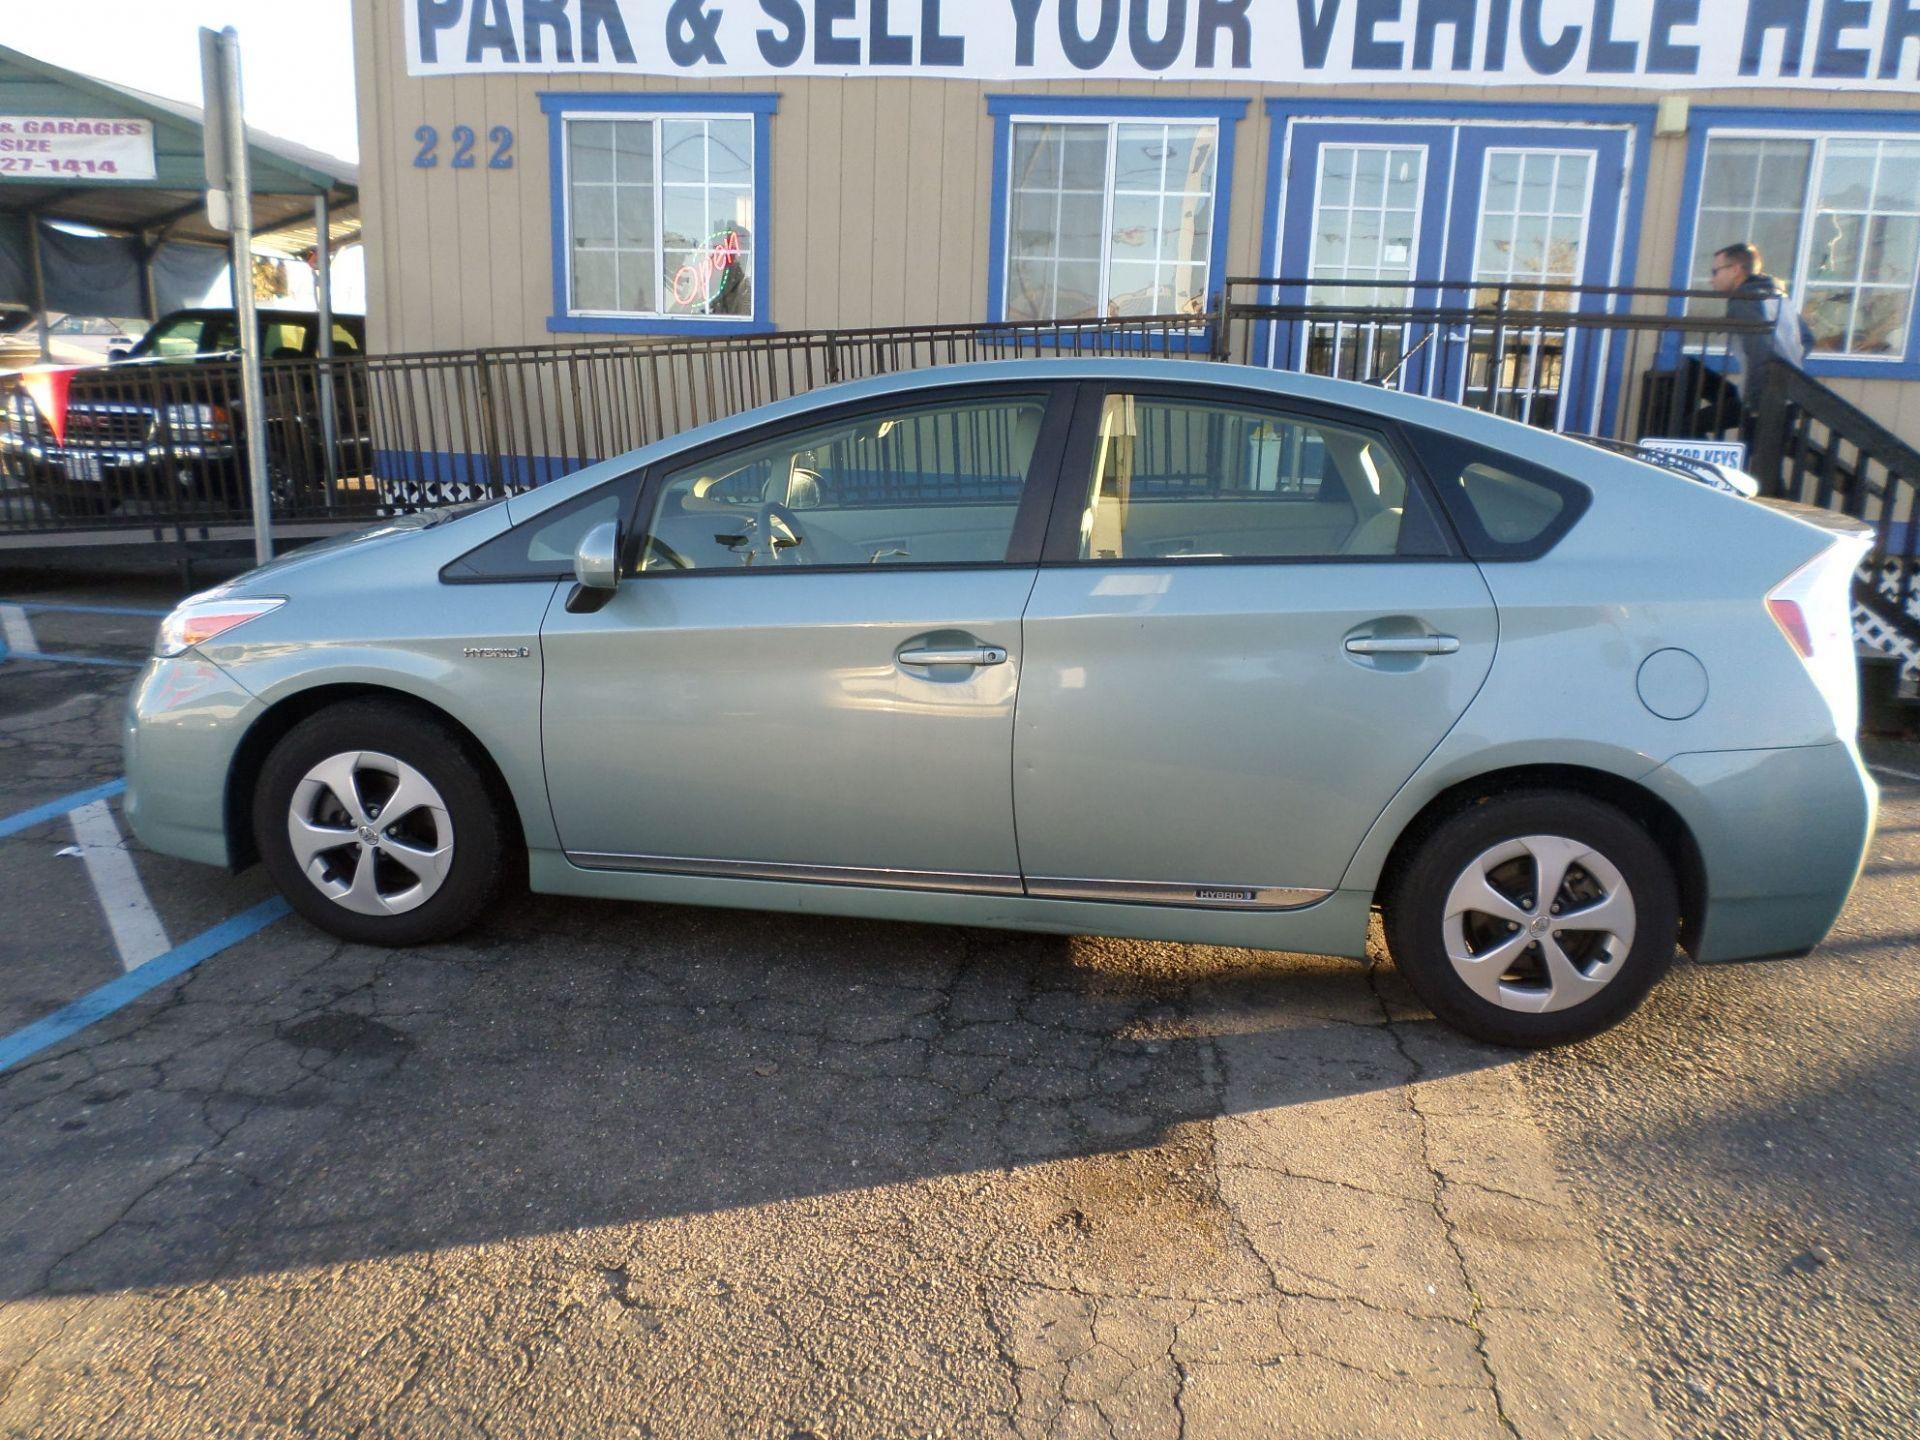 2012 Toyota Prius Hybrid Toyota Prius Toyota Cars Toyota